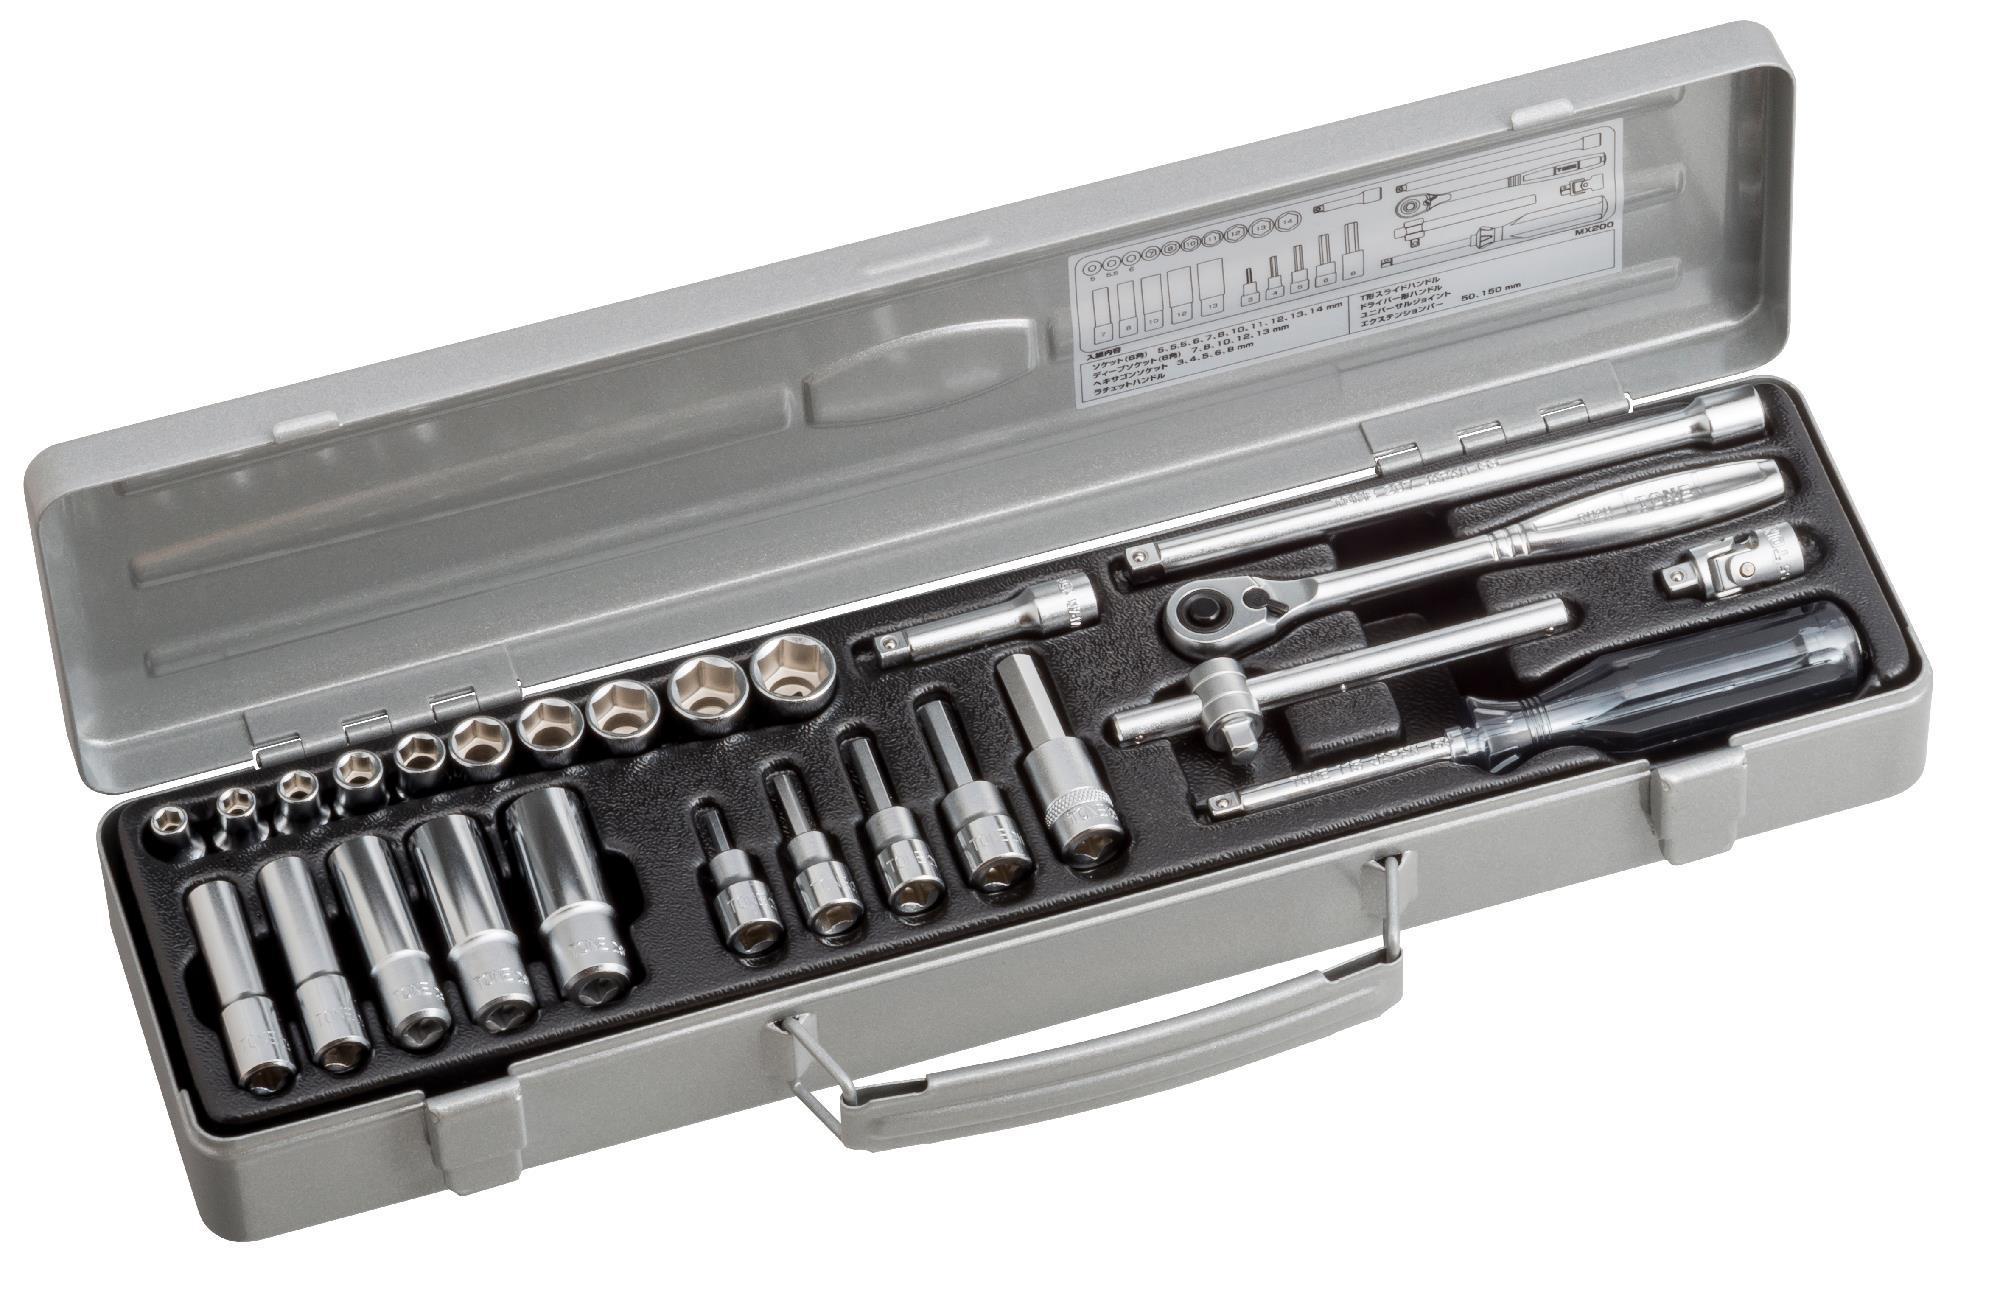 Hộp đầu khẩu và cần vặn TONE 1/4inch MX200